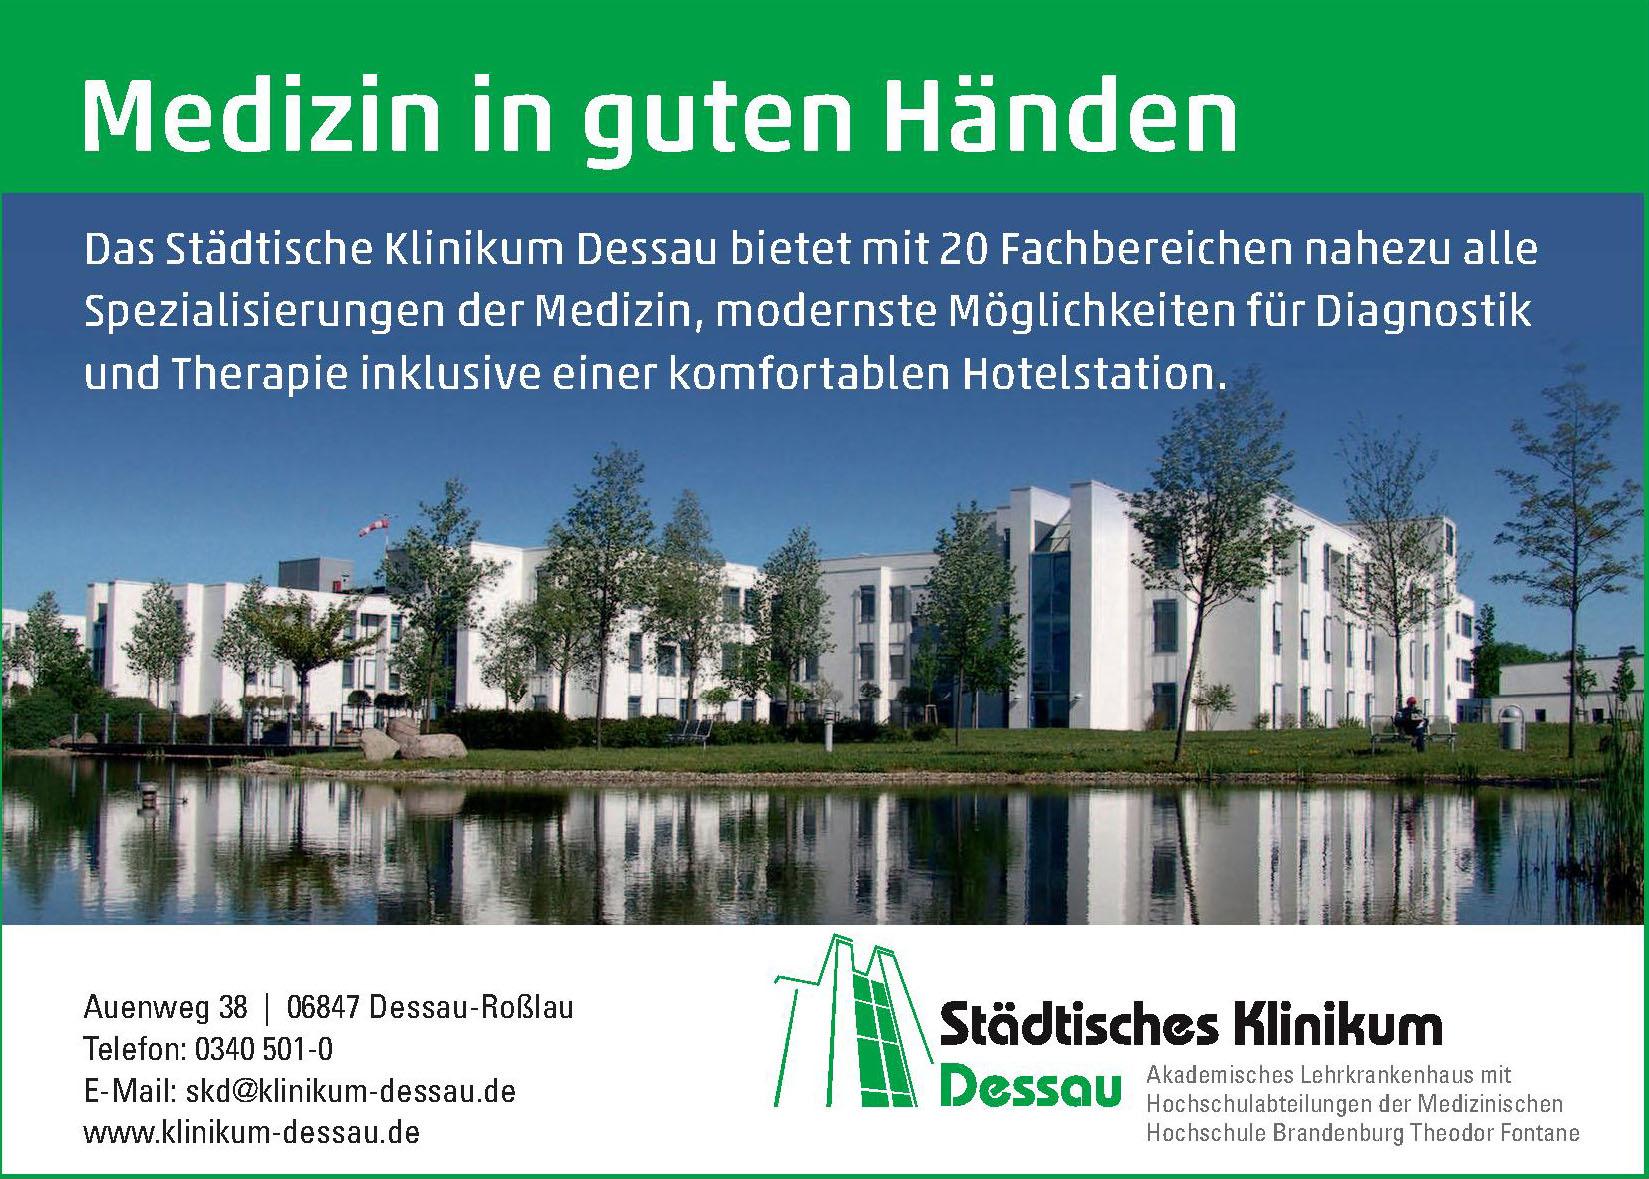 Städtisches Klinikum Dessau